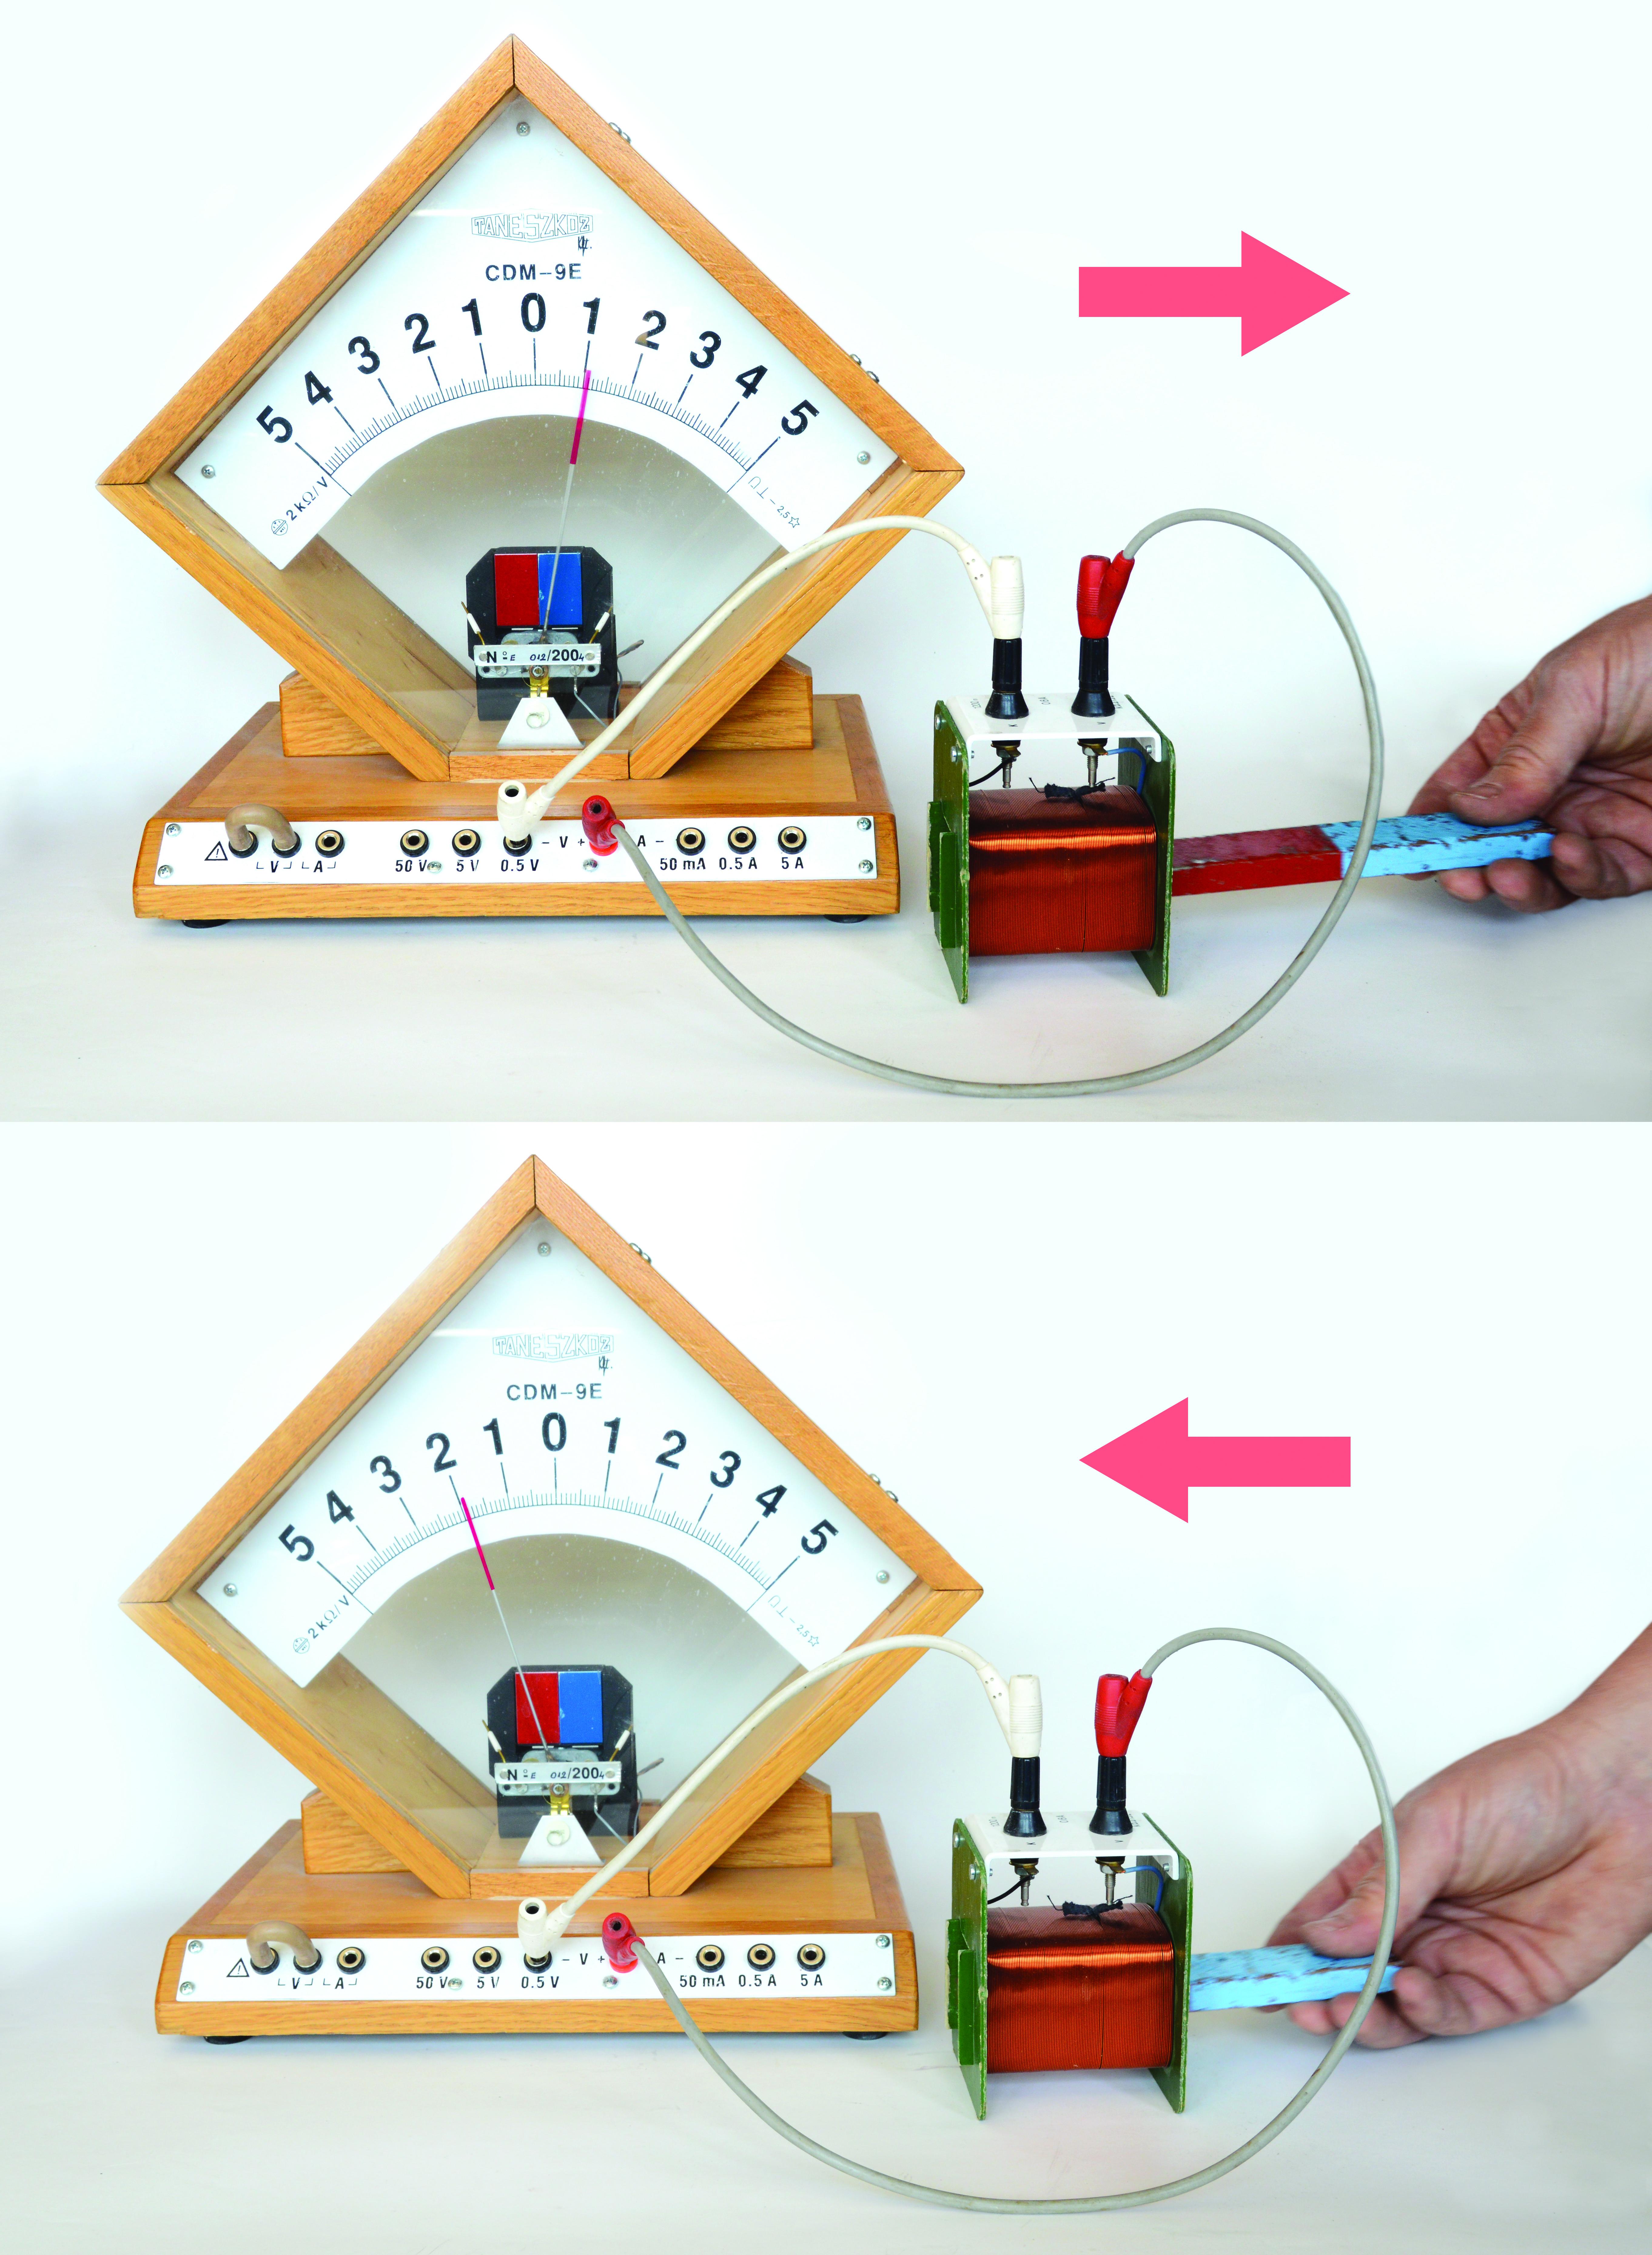 Mitől függ az indukált áram nagysága mozgási indukció esetén